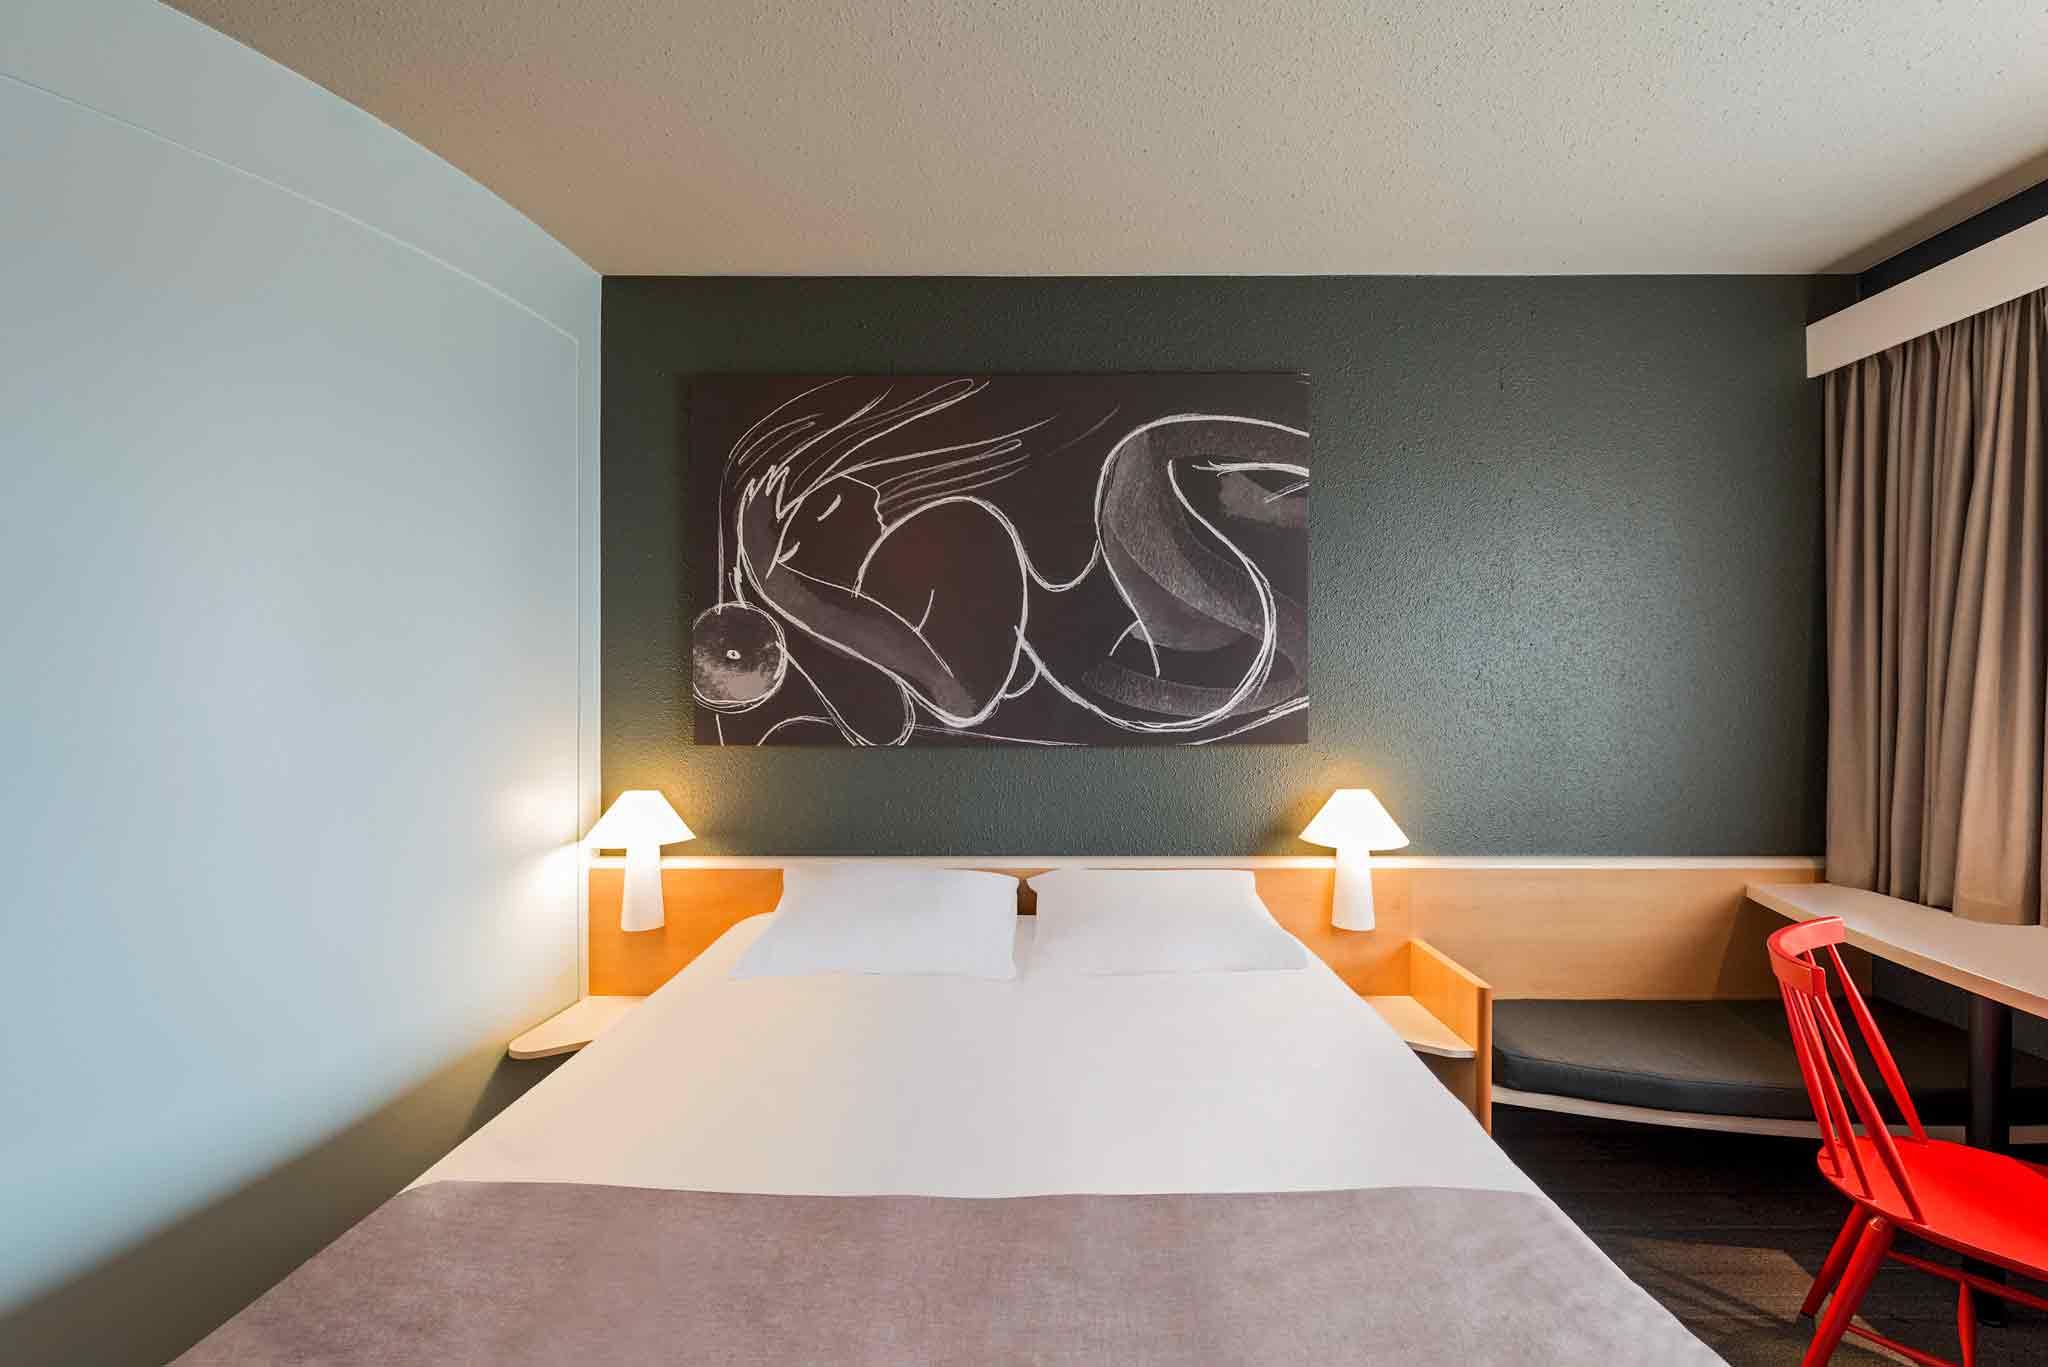 Ibis Hotel München Parkstadt Schwabing View of room